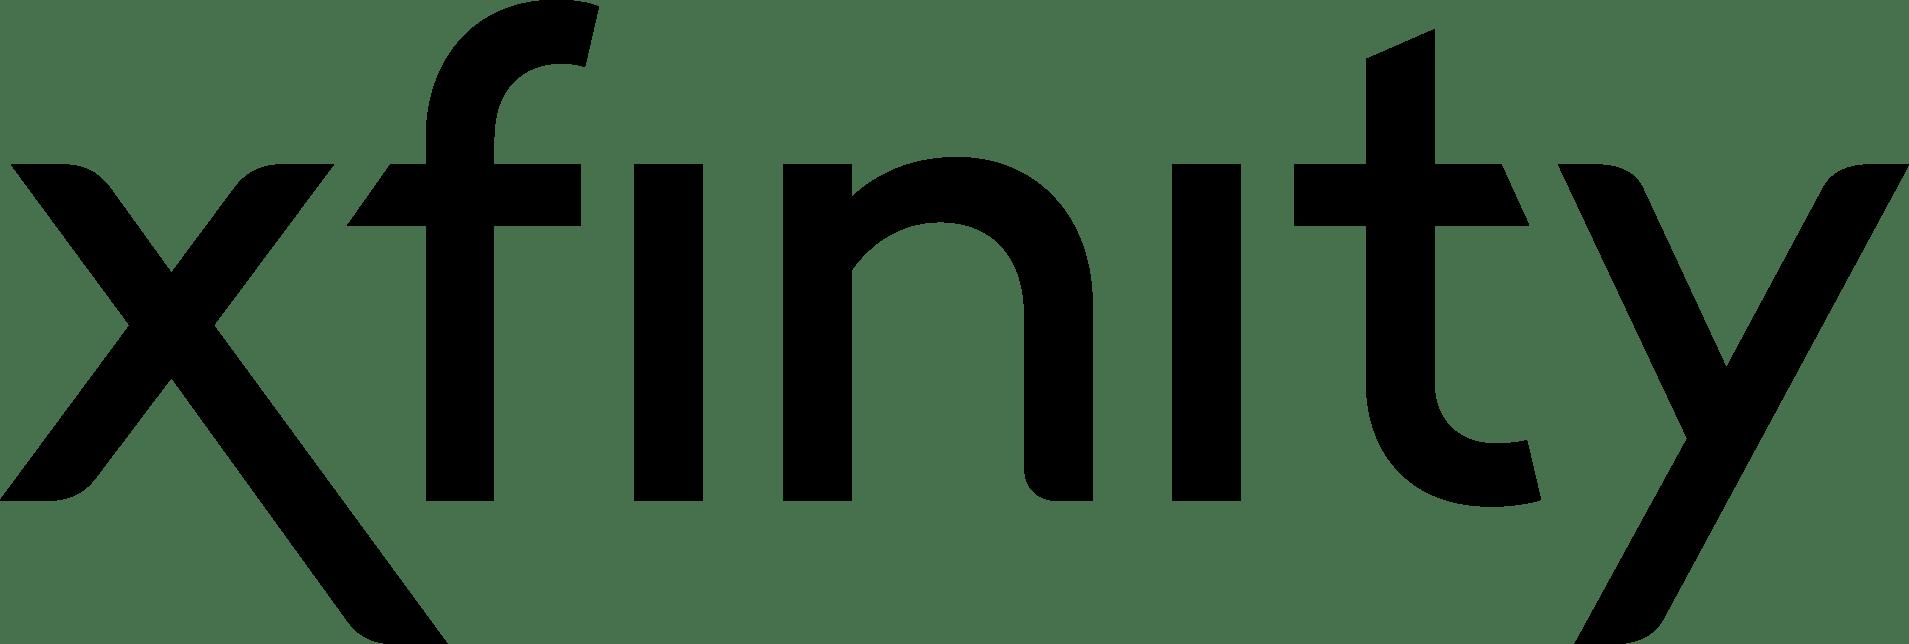 Xfinity_logo_2017_blk_RGB